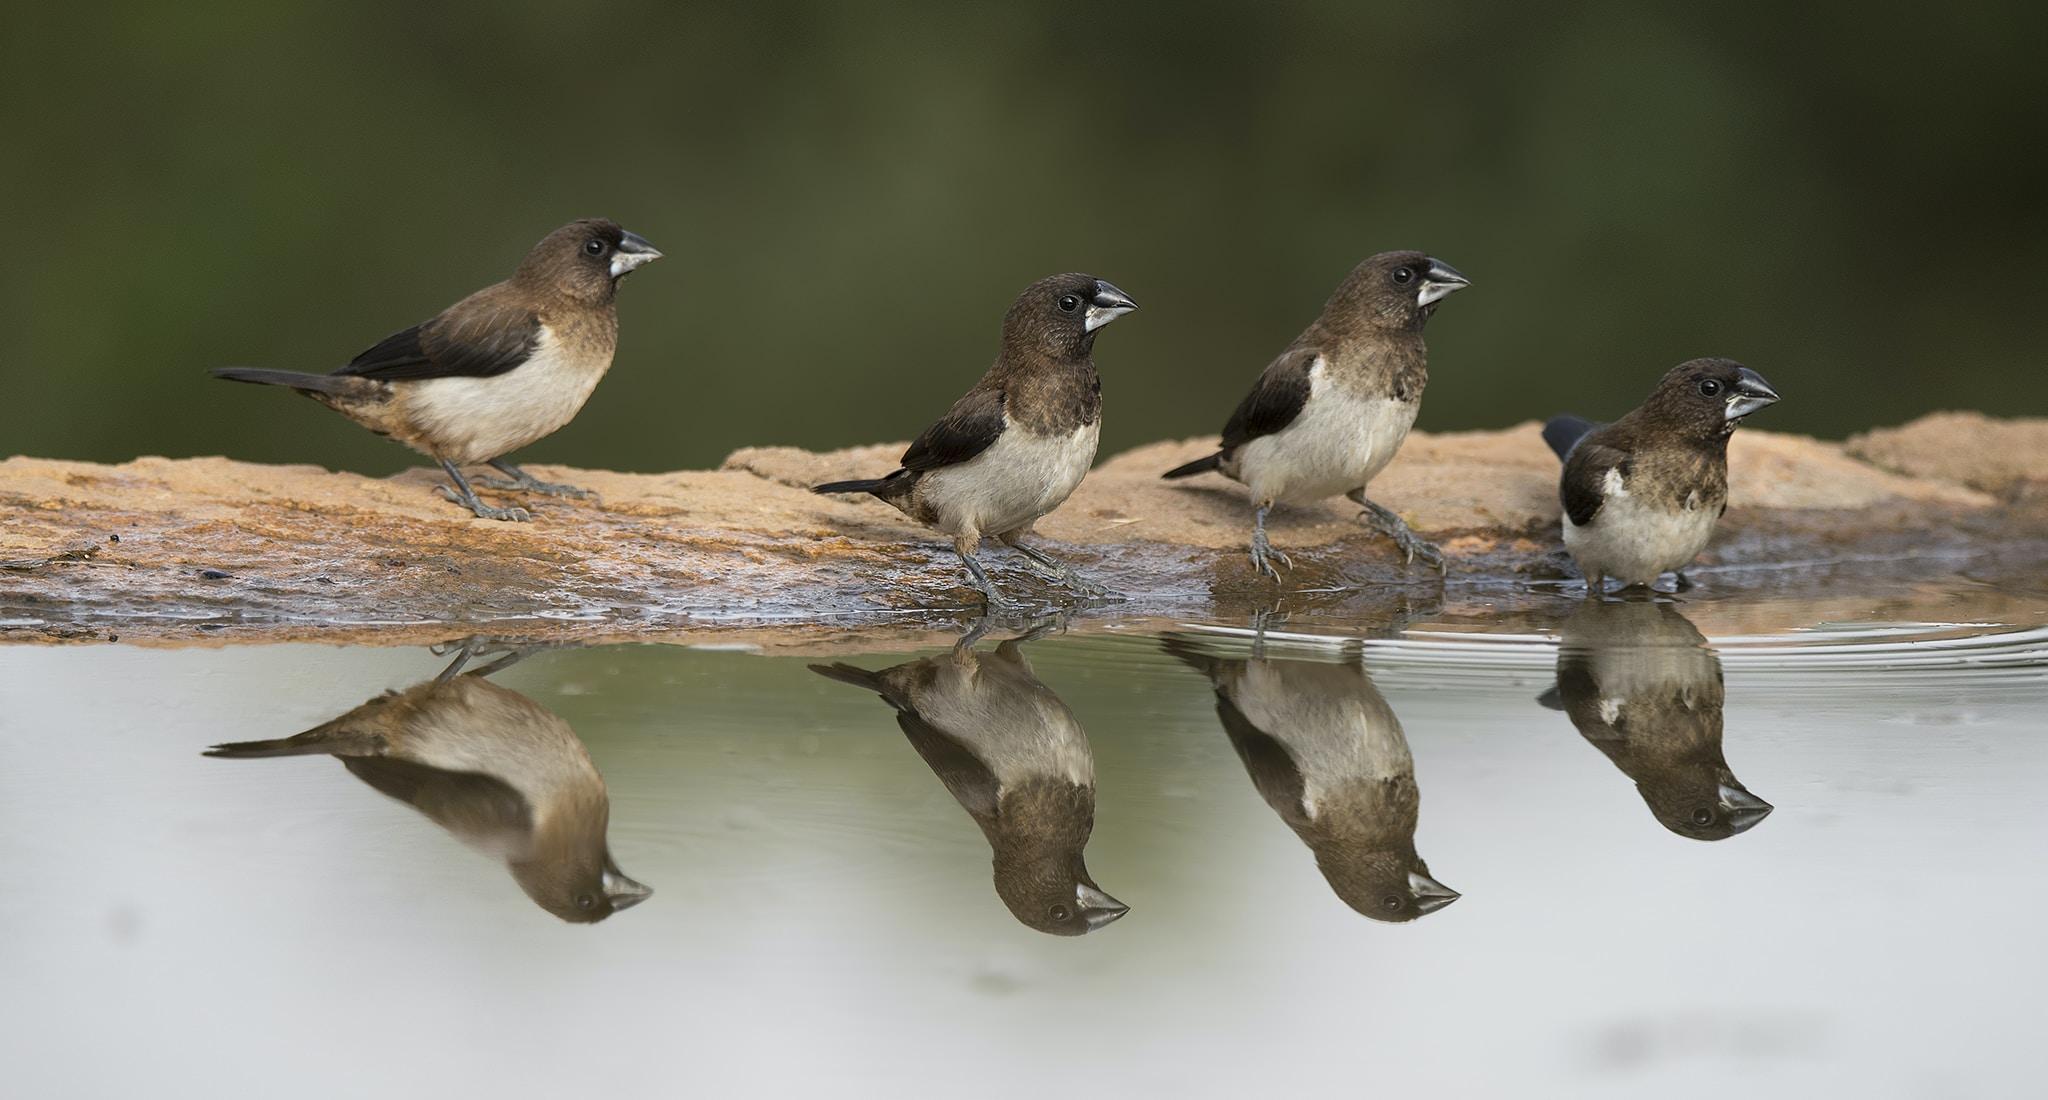 four birds near body of water